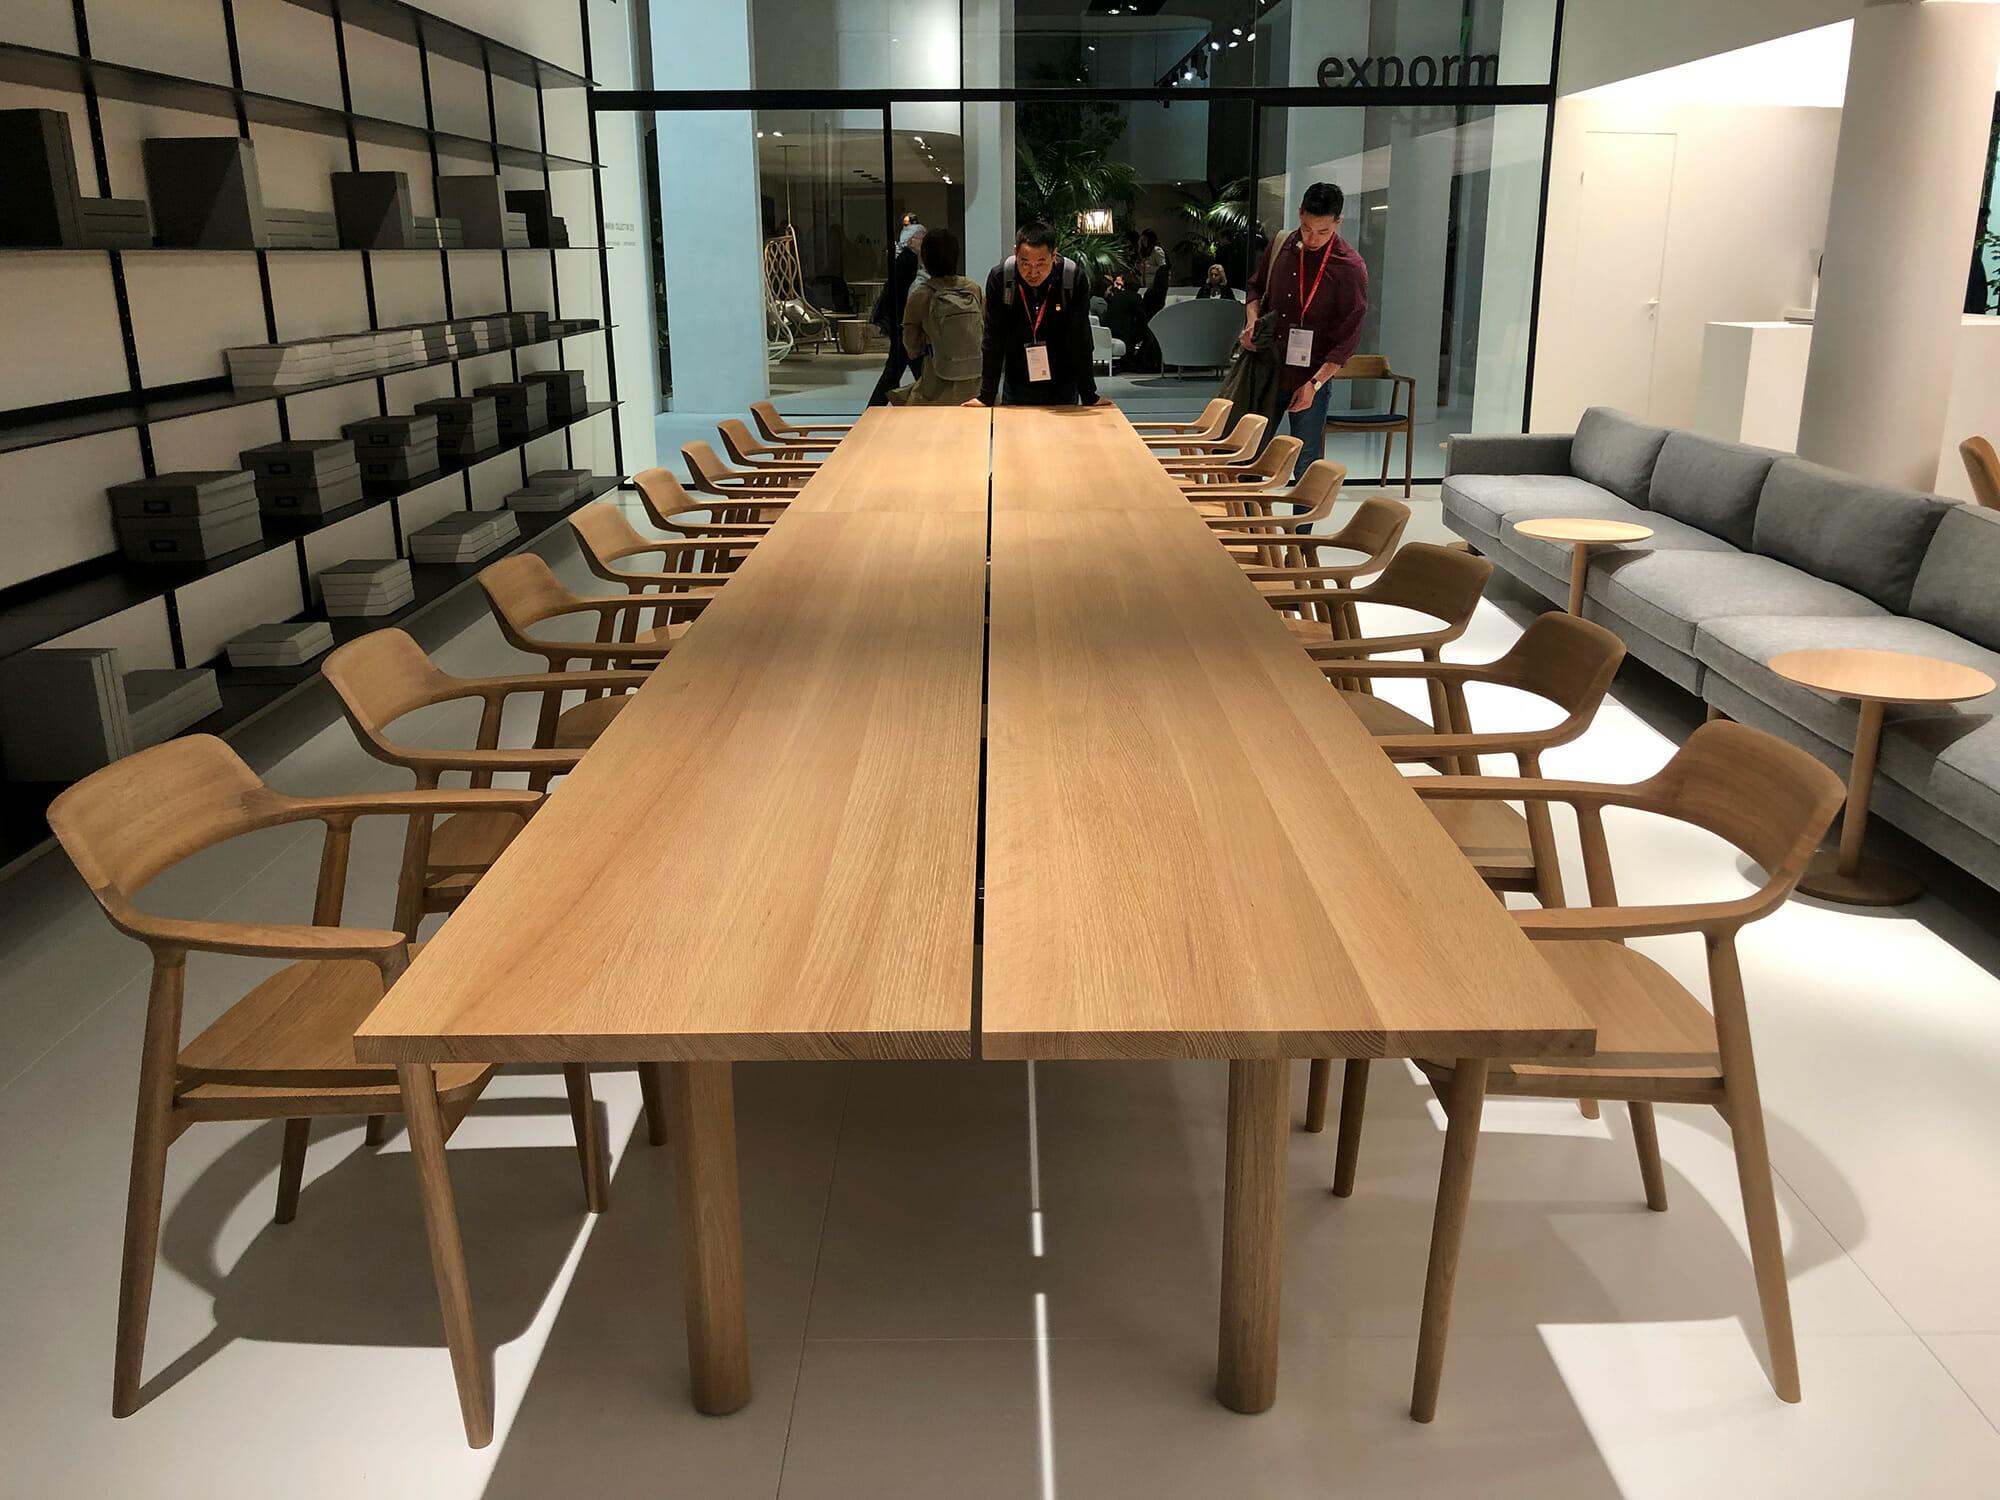 S.Projectからマルニ木工、日本からサローネに参加する5社のうちの1社